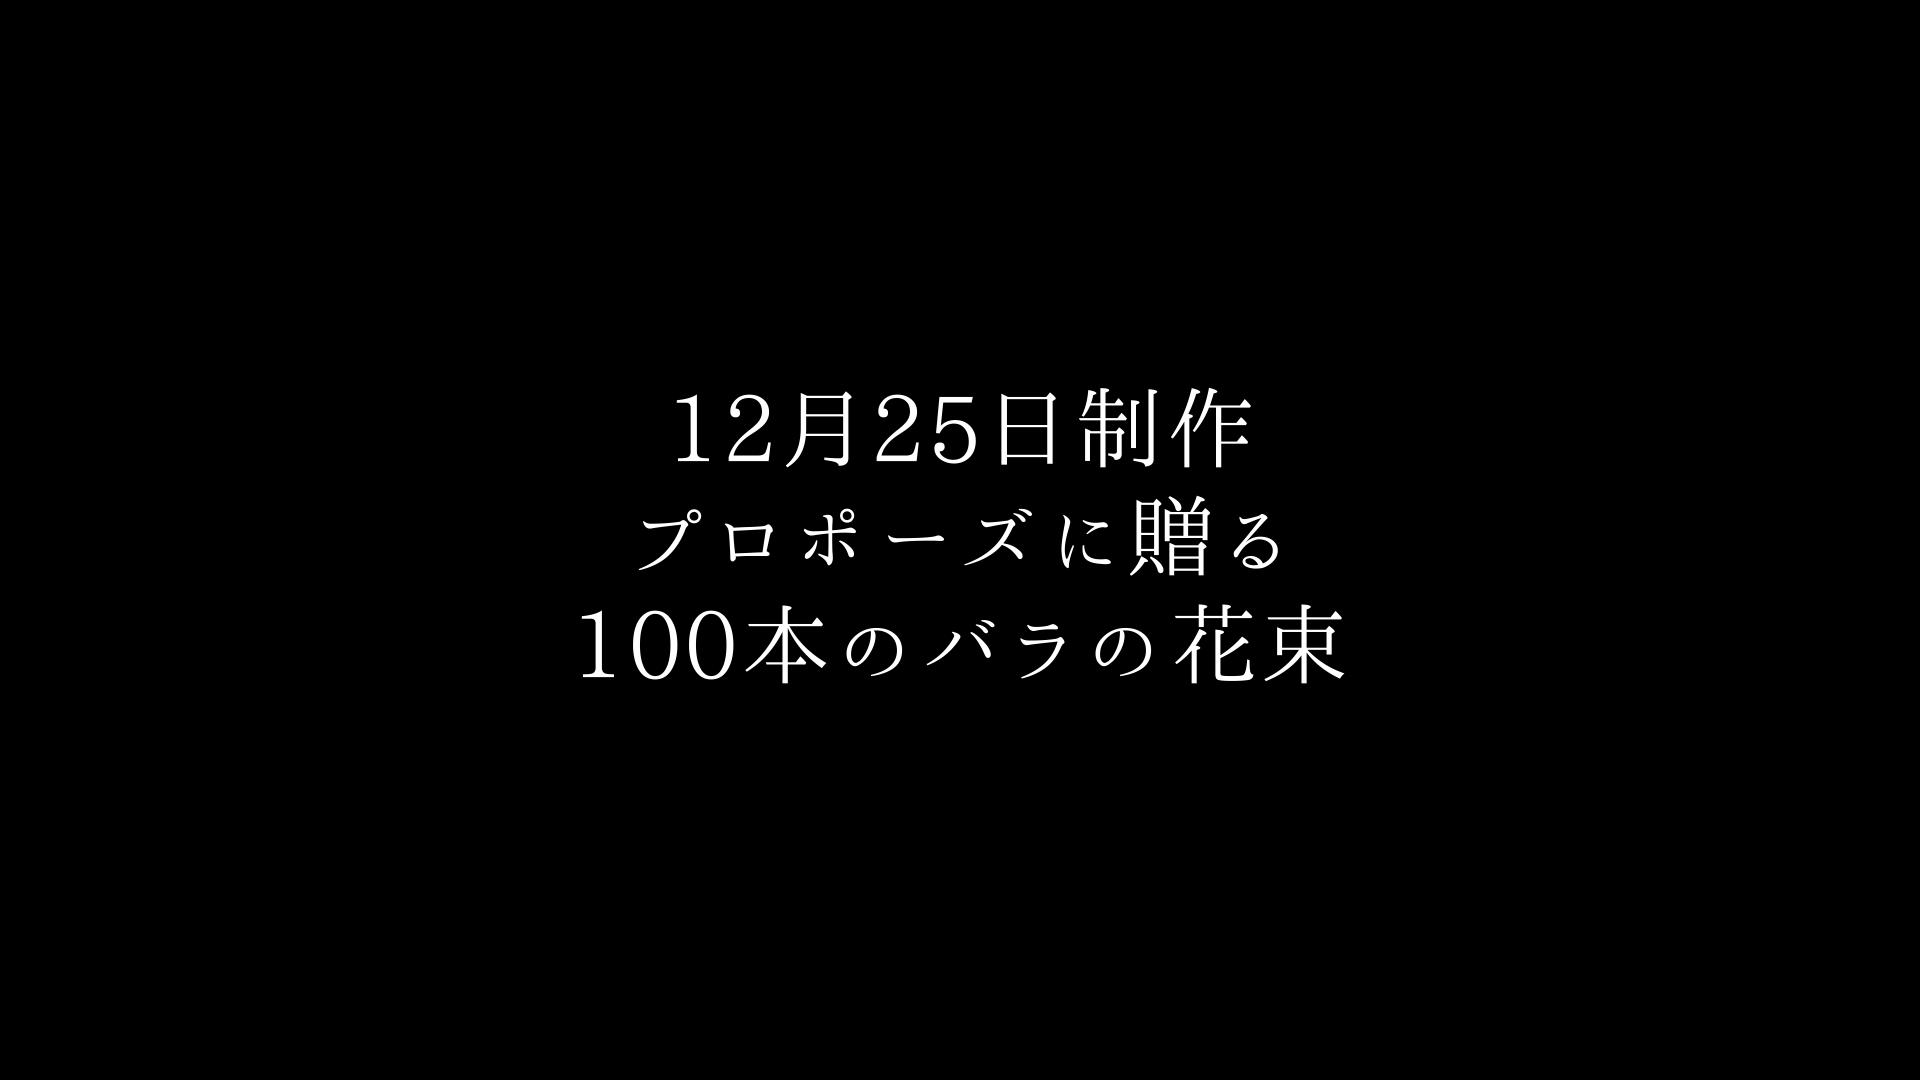 プロポーズに贈るバラ100本の花束制作動画 2020.12.25撮影